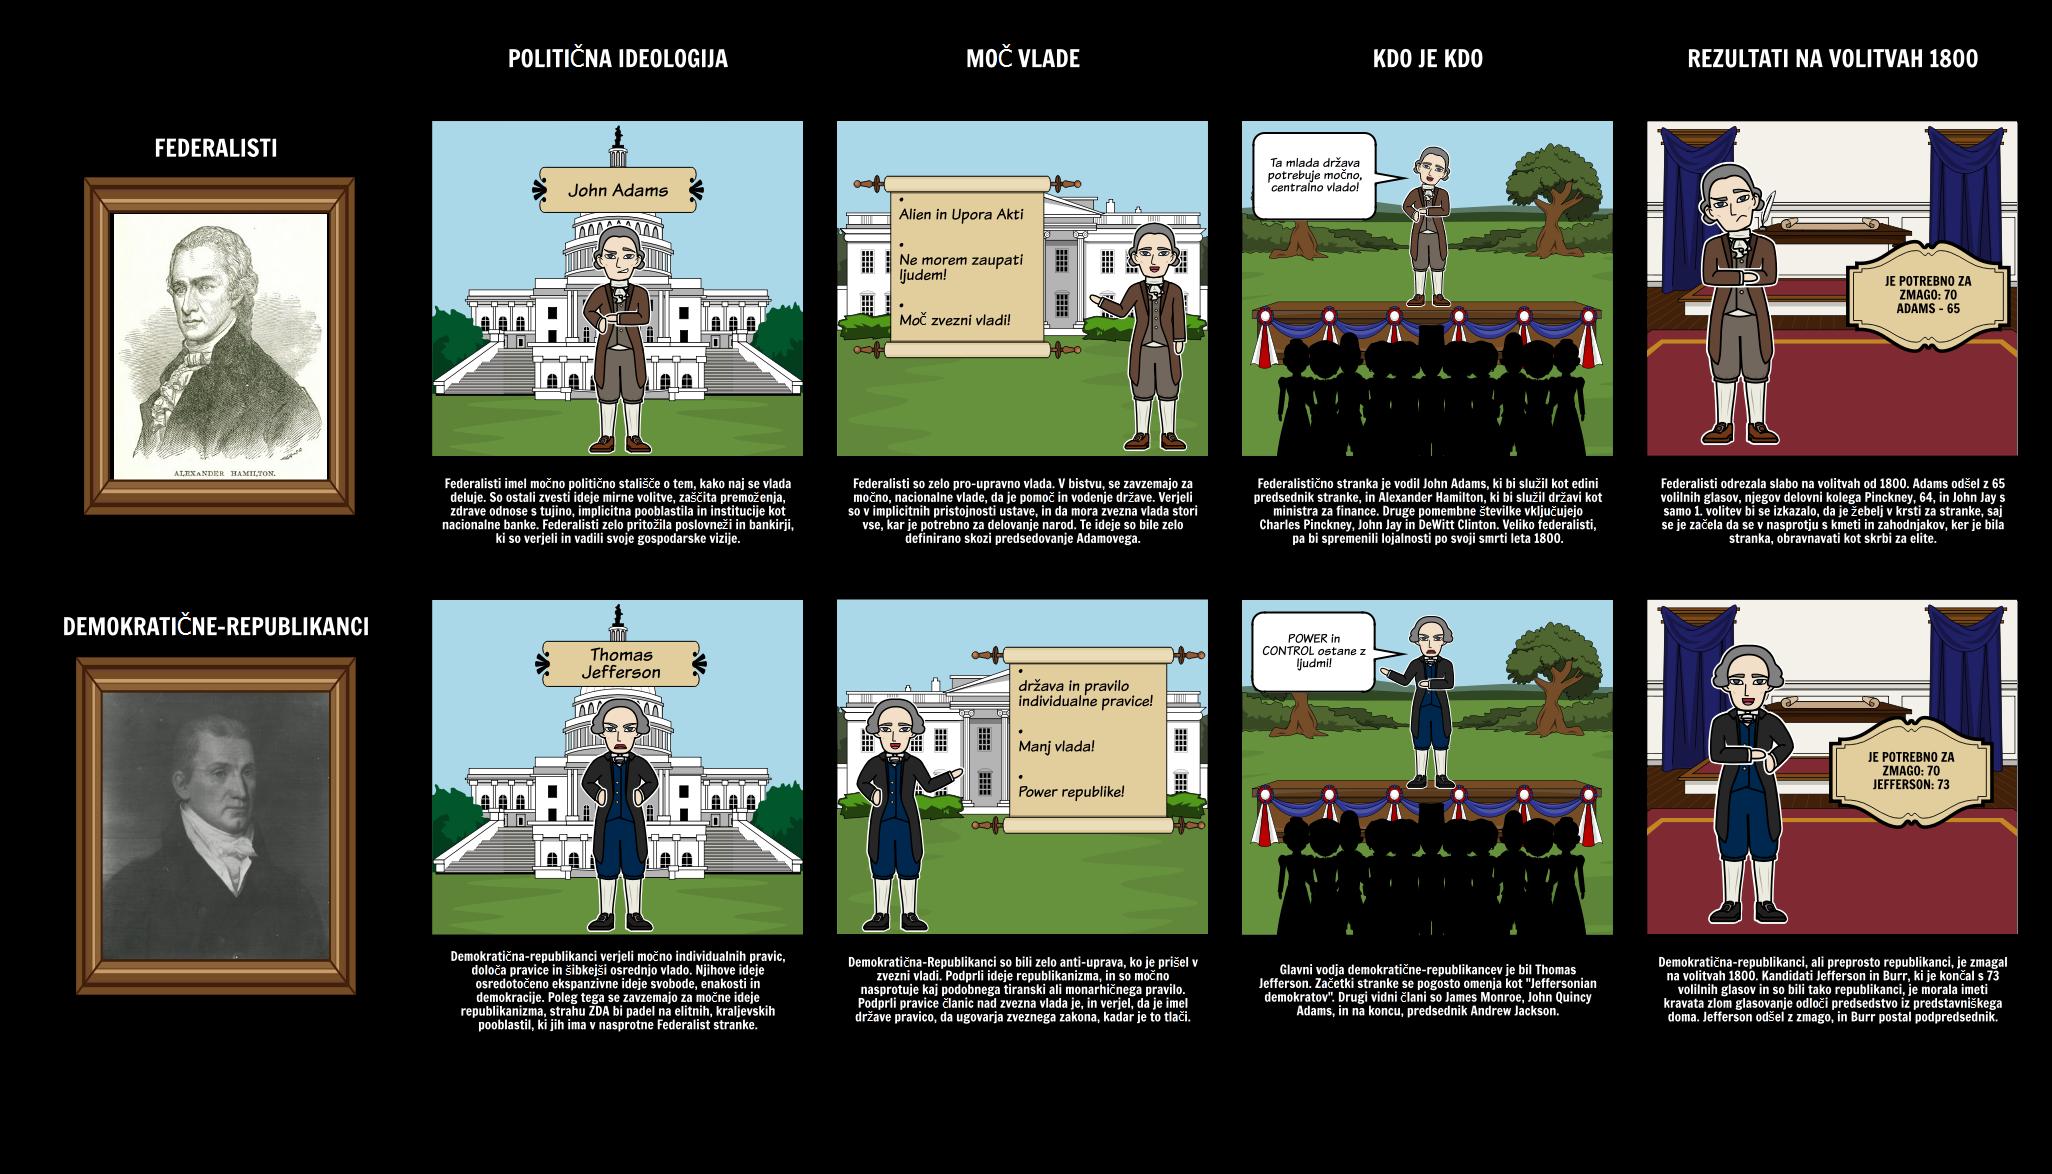 Pri volitvah 1800 - federalisti vs demokratične republikancev